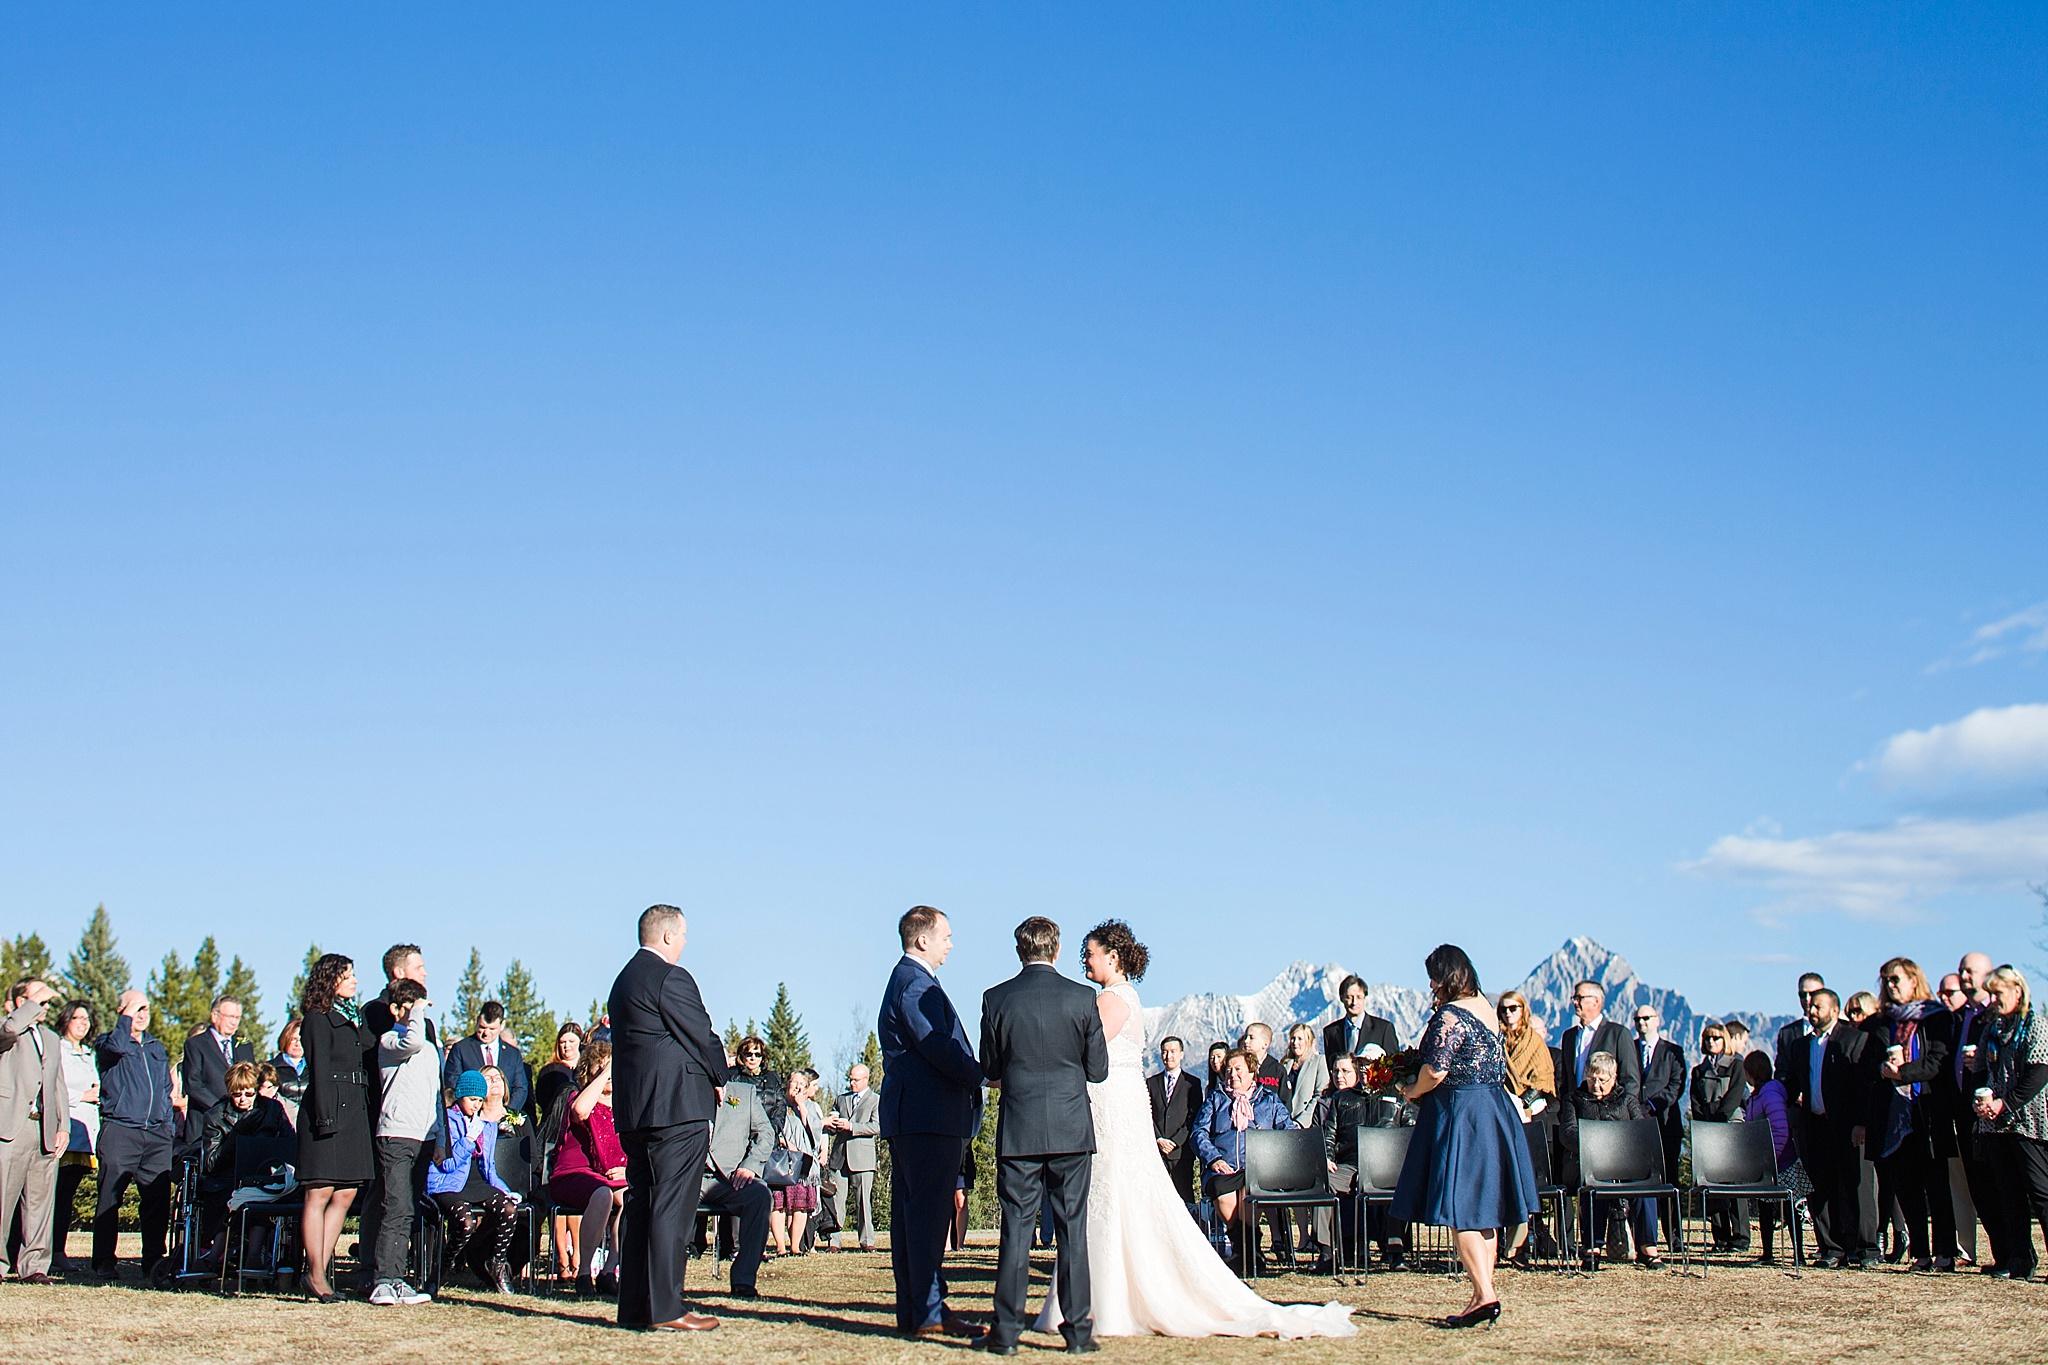 Delta-kananaskis-wedding045.JPG